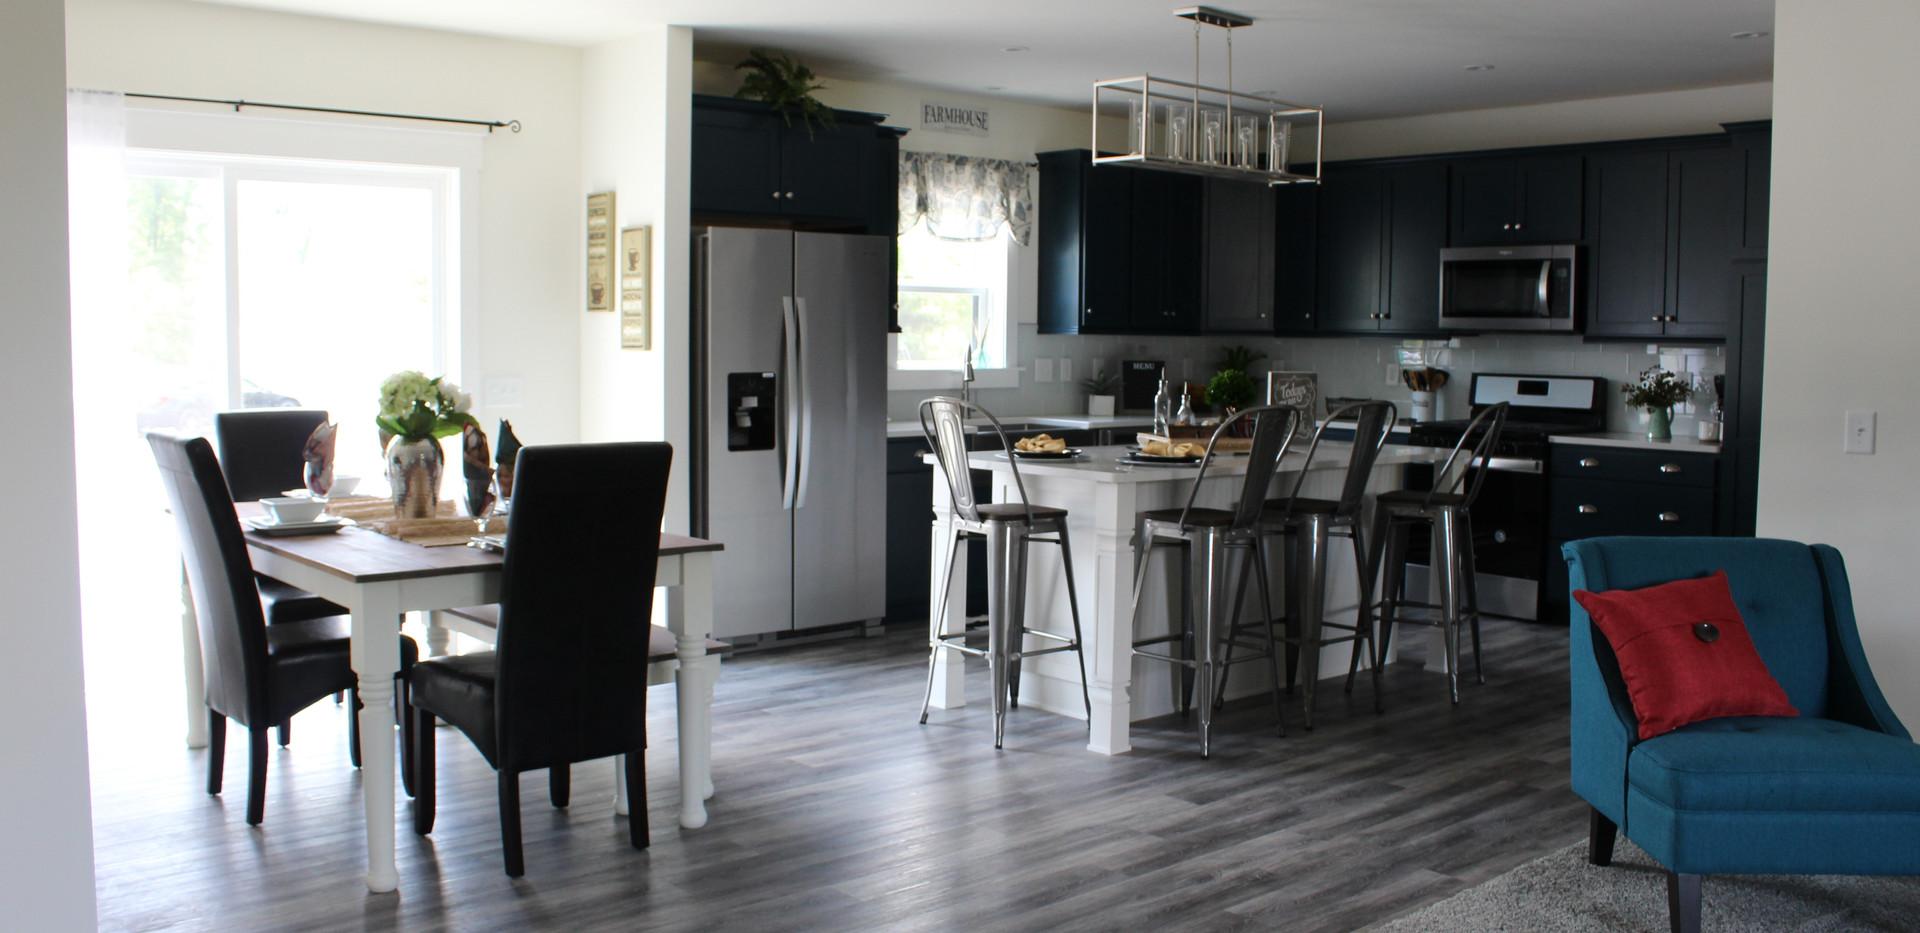 maryville-kitchen1.jpg